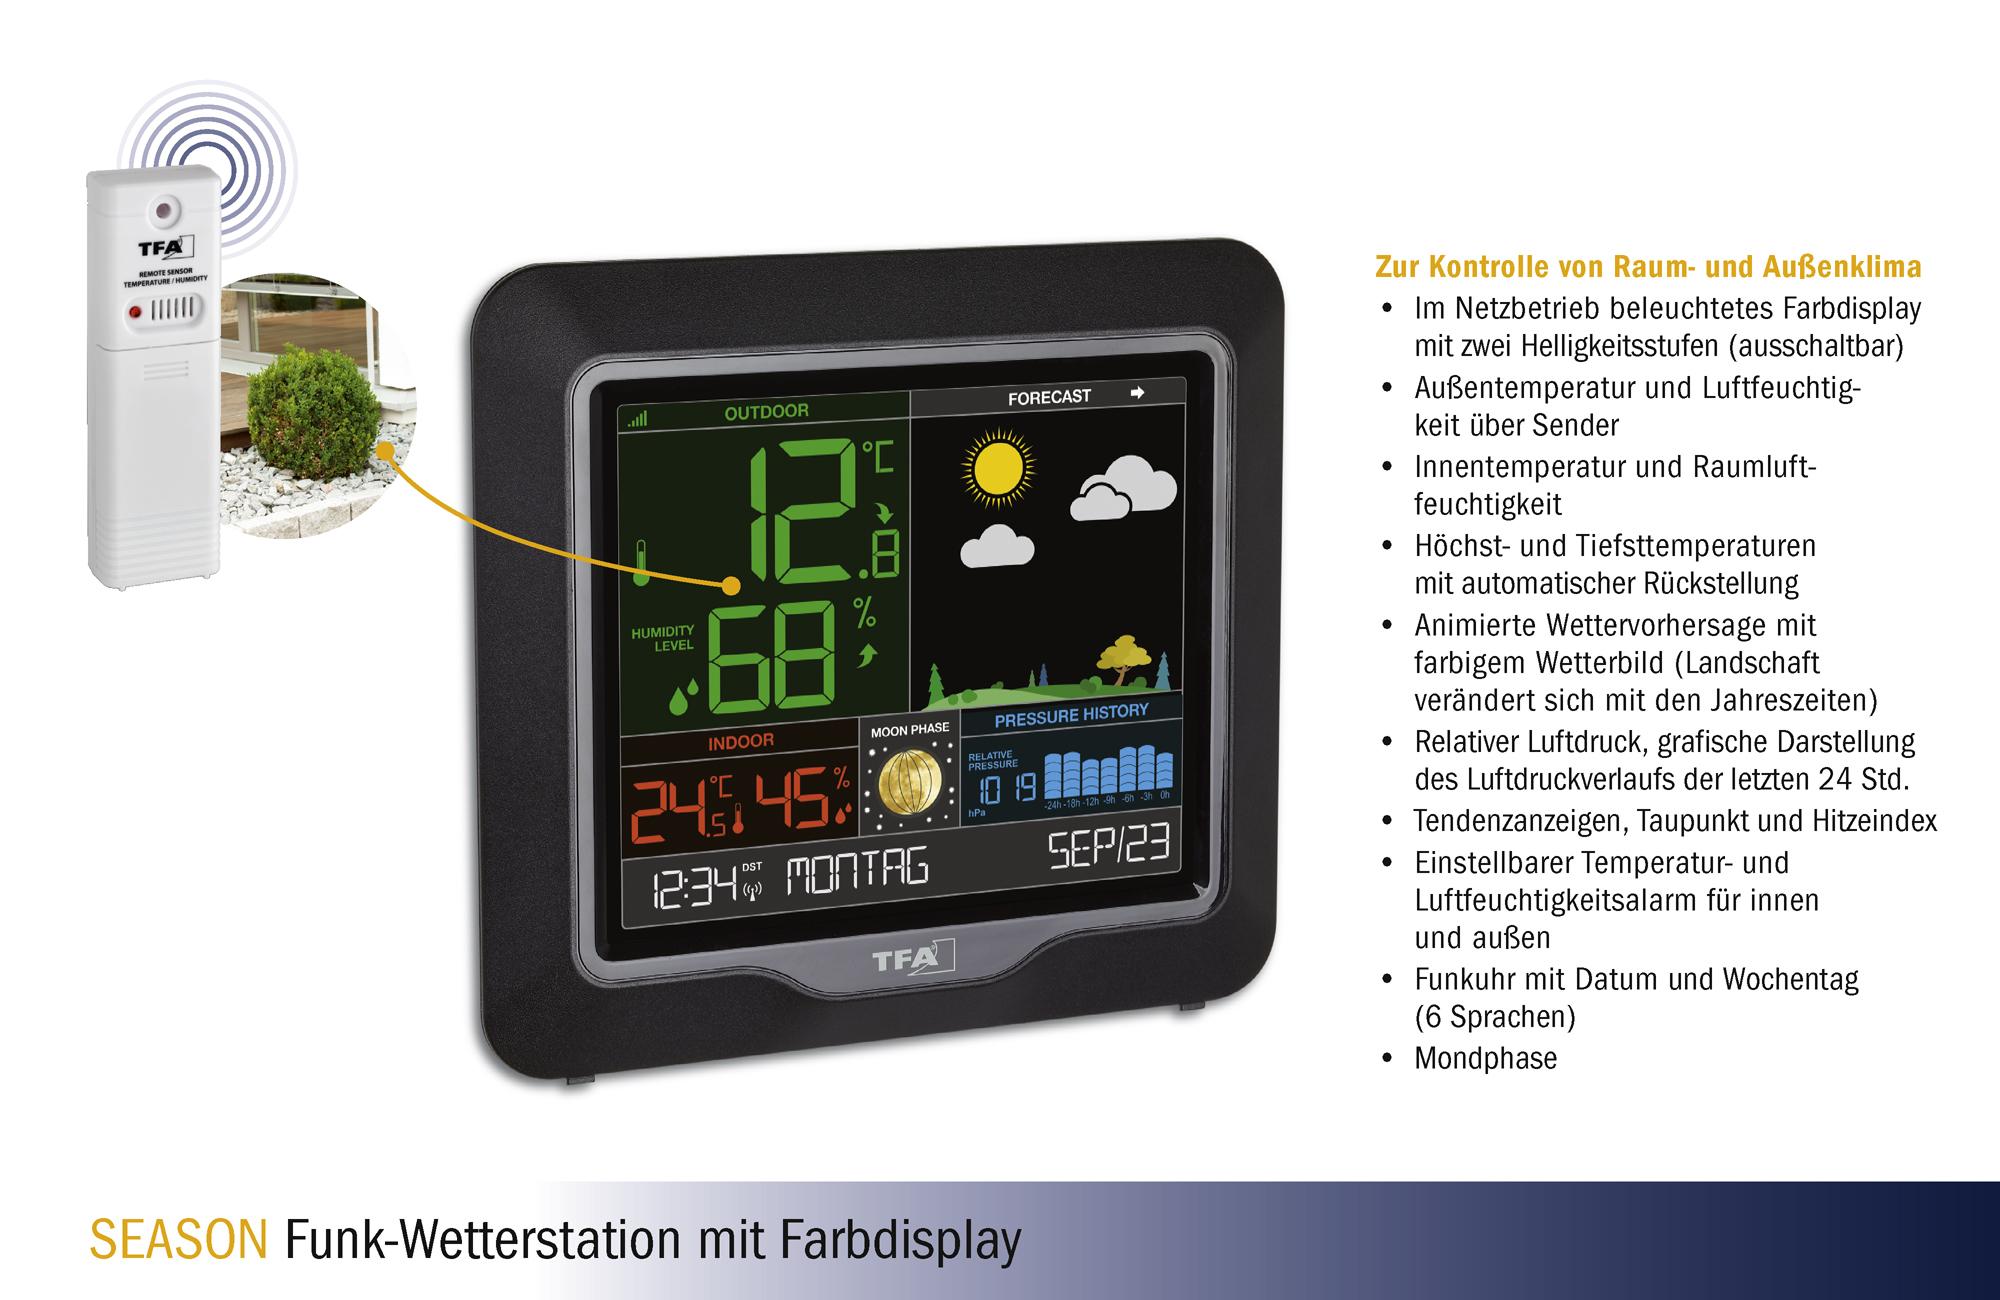 Season_Funk-Wetterstation_35115001_Vorteile.jpg